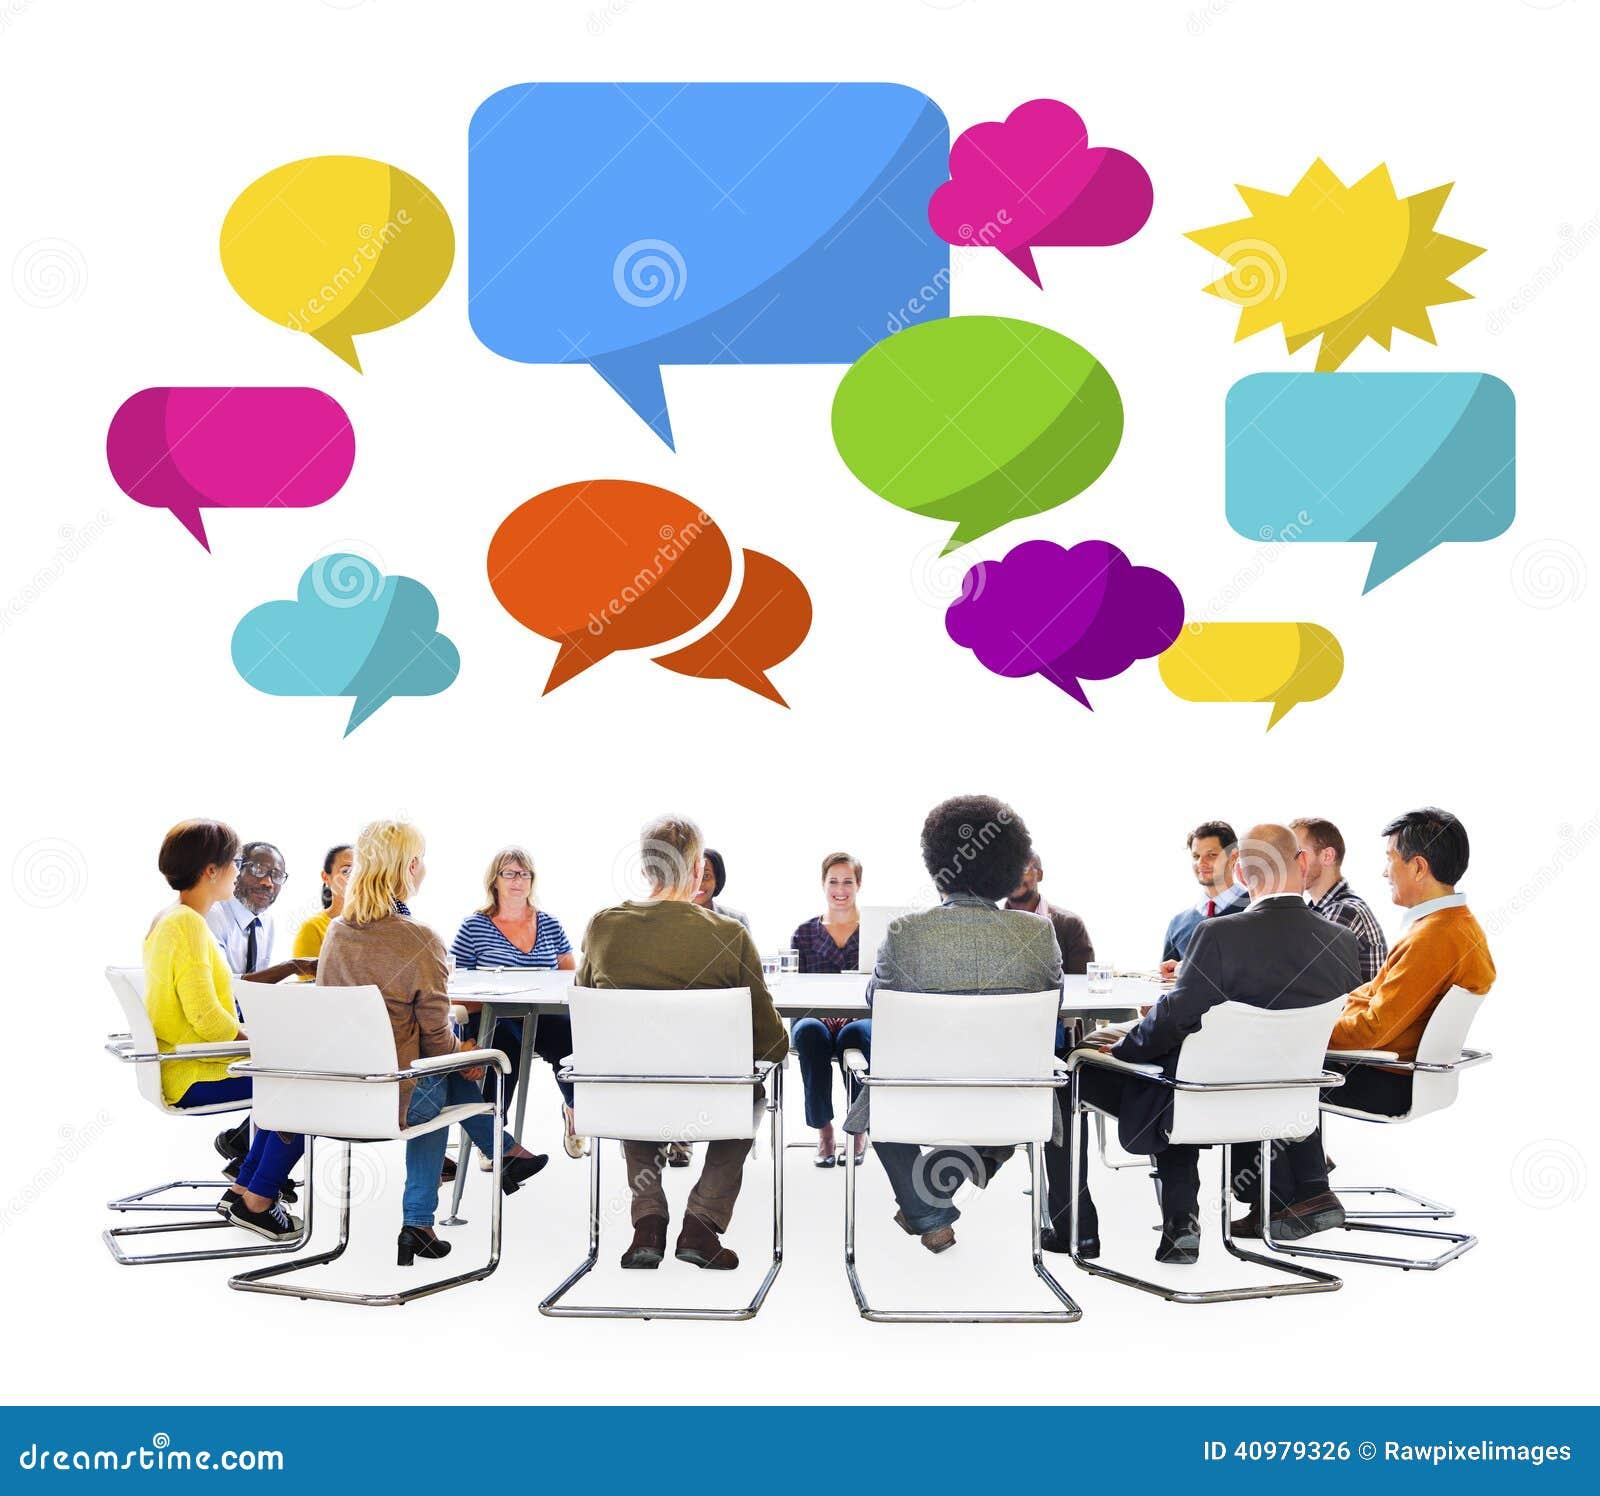 Round table meeting png - Groupe Multi Ethnique Lors D Une R 233 Union Avec Des Bulles